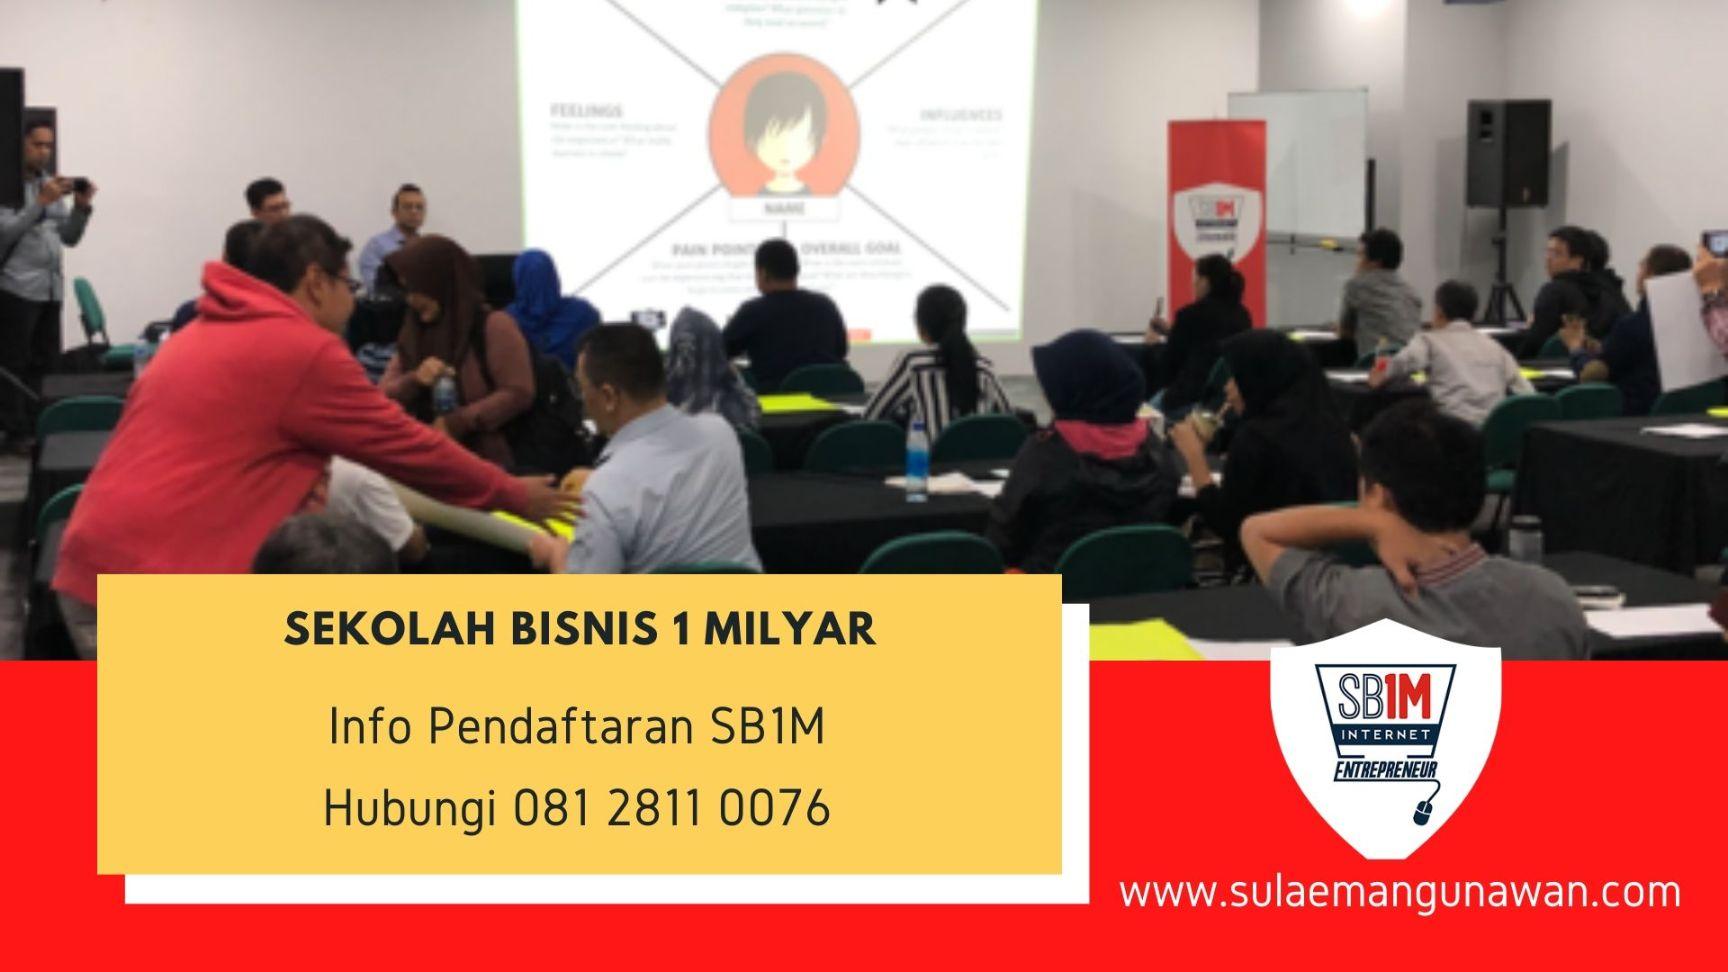 Kelas Bisnis Online Terlengkap di Malaka Sari Jakarta Timur Hubungi 081 2811 0076